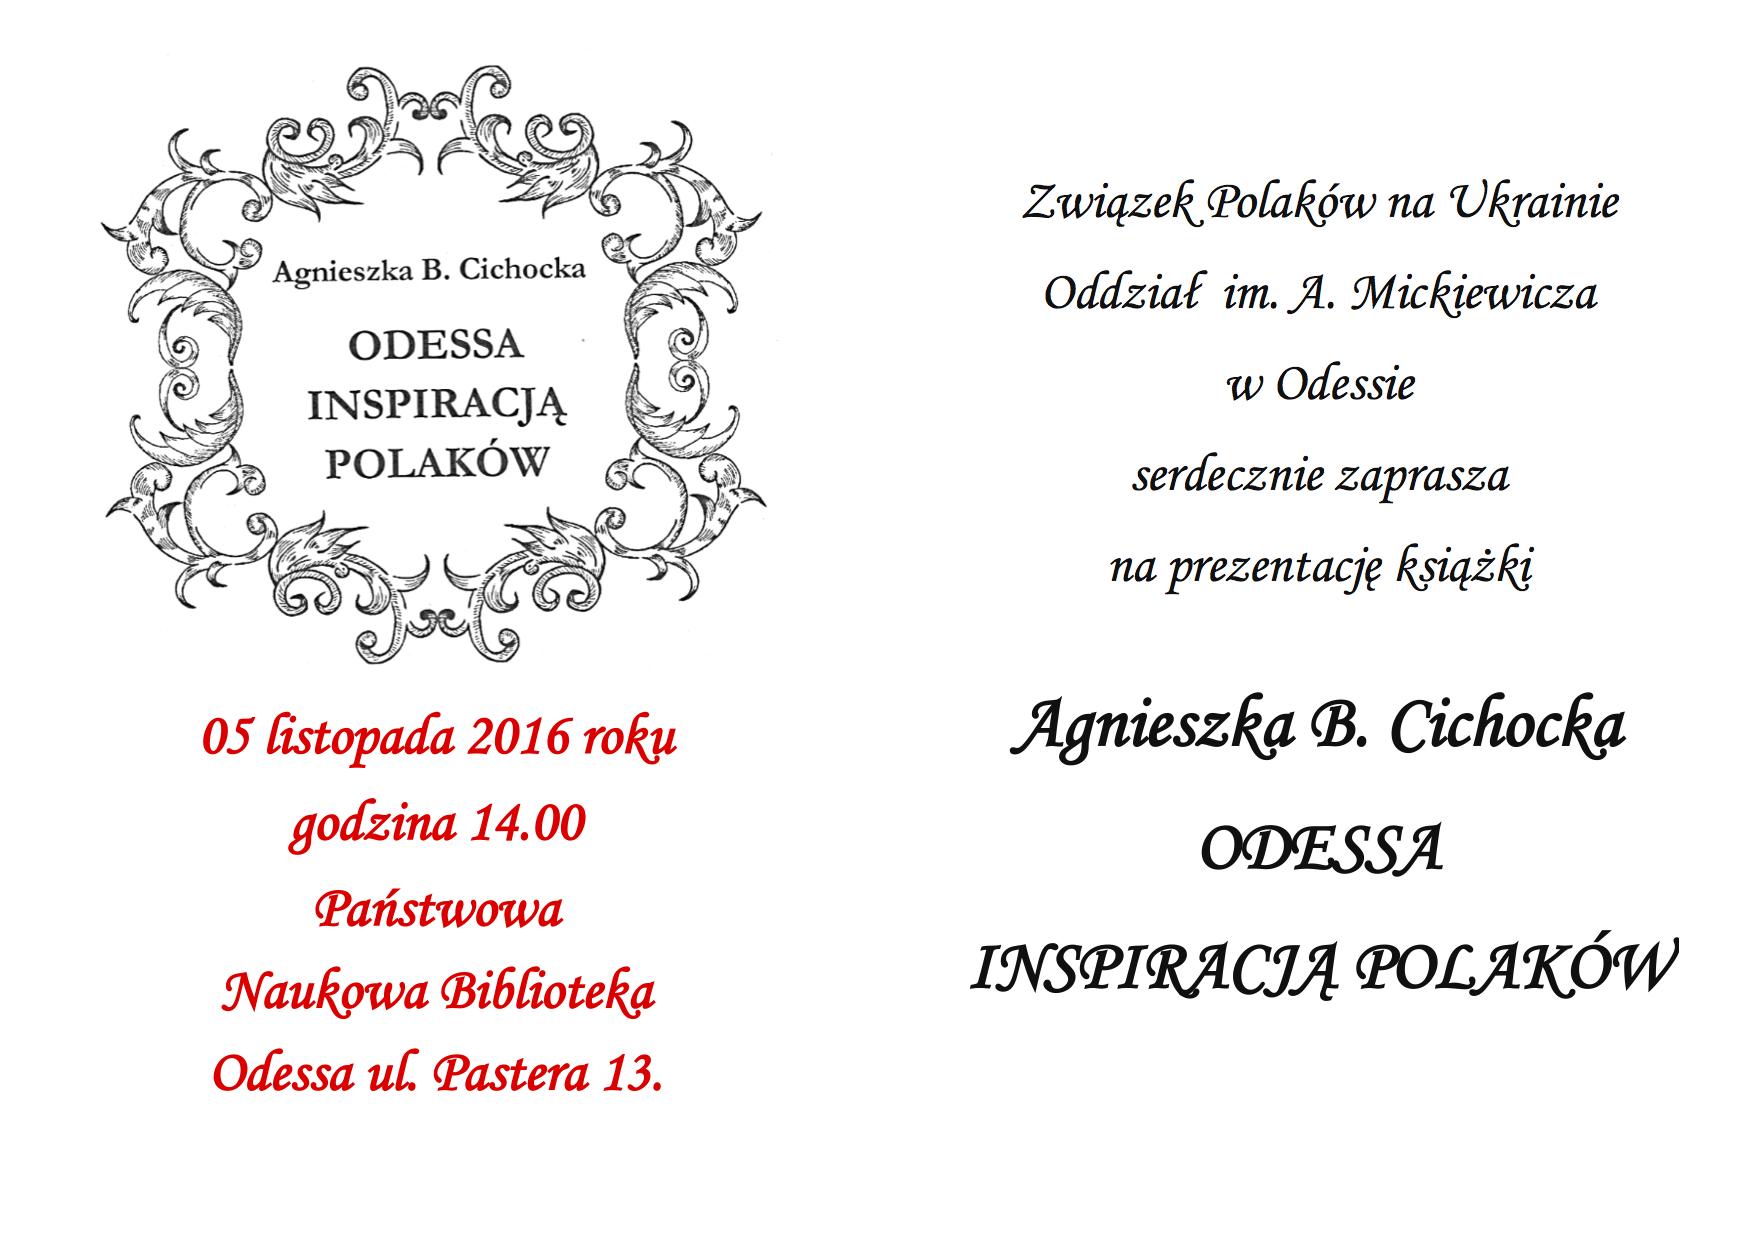 Odessa Inspiracja Polaków. Agnieszka B. Cichoka